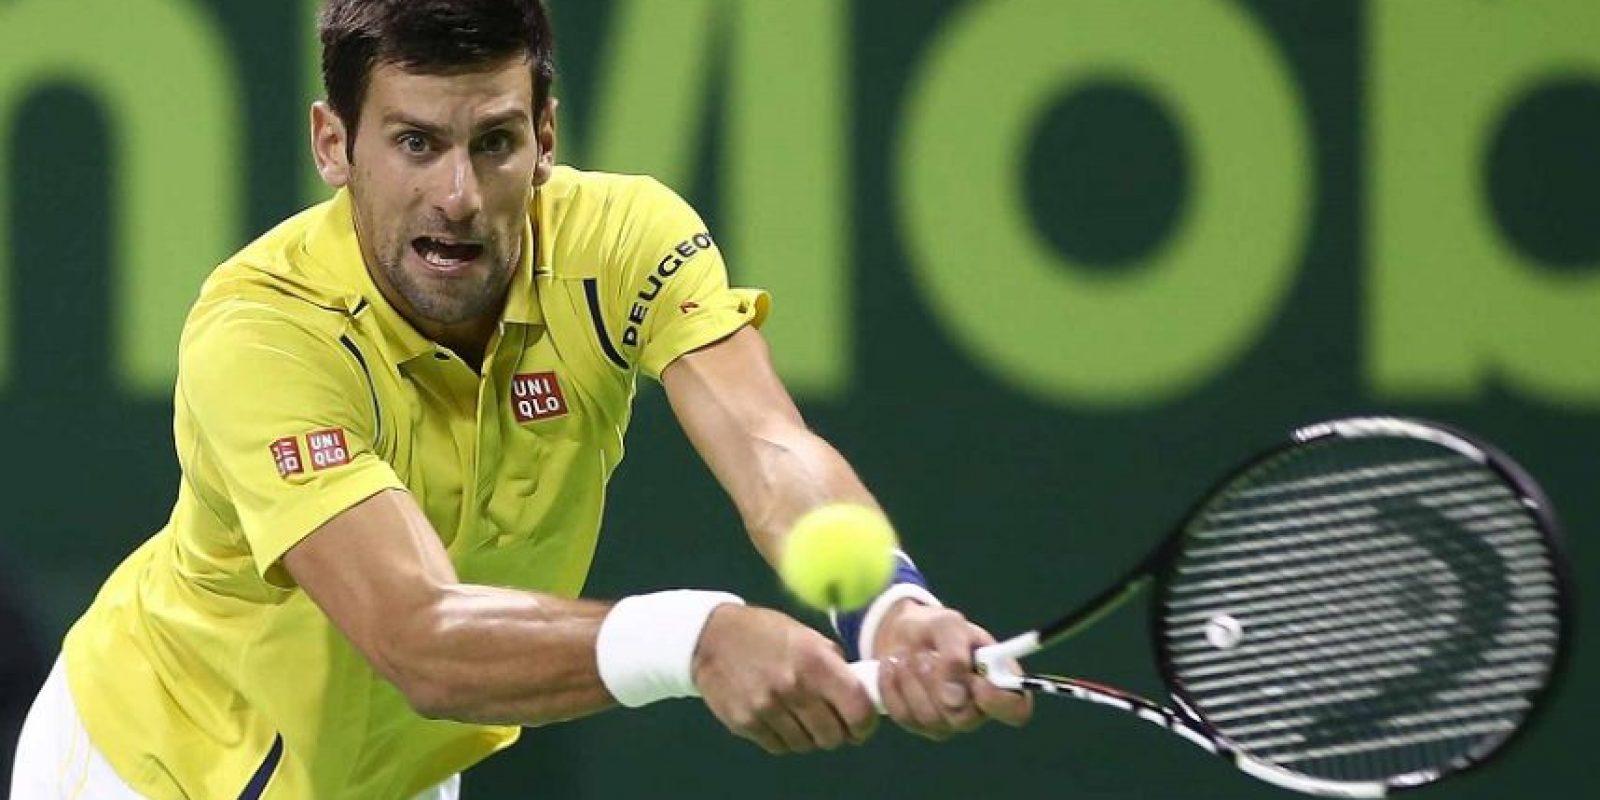 3- Novak Djokovic. Número uno de la clasificación ATP y ganador de 12 torneos de Grand Slam, Djokovic es un sinónimo de triunfo en el tenis. A pesar de tener a rivales de consideración, el serbio se ha perpetuado como el mejor del mundo, al grado de que Andy Murray, su más cercano perseguidor por la supremacía en el tenis, se encuentra a 8,755 puntos de distancia del primer lugar. Cuatro veces ganador del premio al Jugador de la Federación Internacional de Tenis y dueño de innumerables marcas mundiales, Djokovic es una apuesta a ganar en todo momento. Foto:Fuente externa